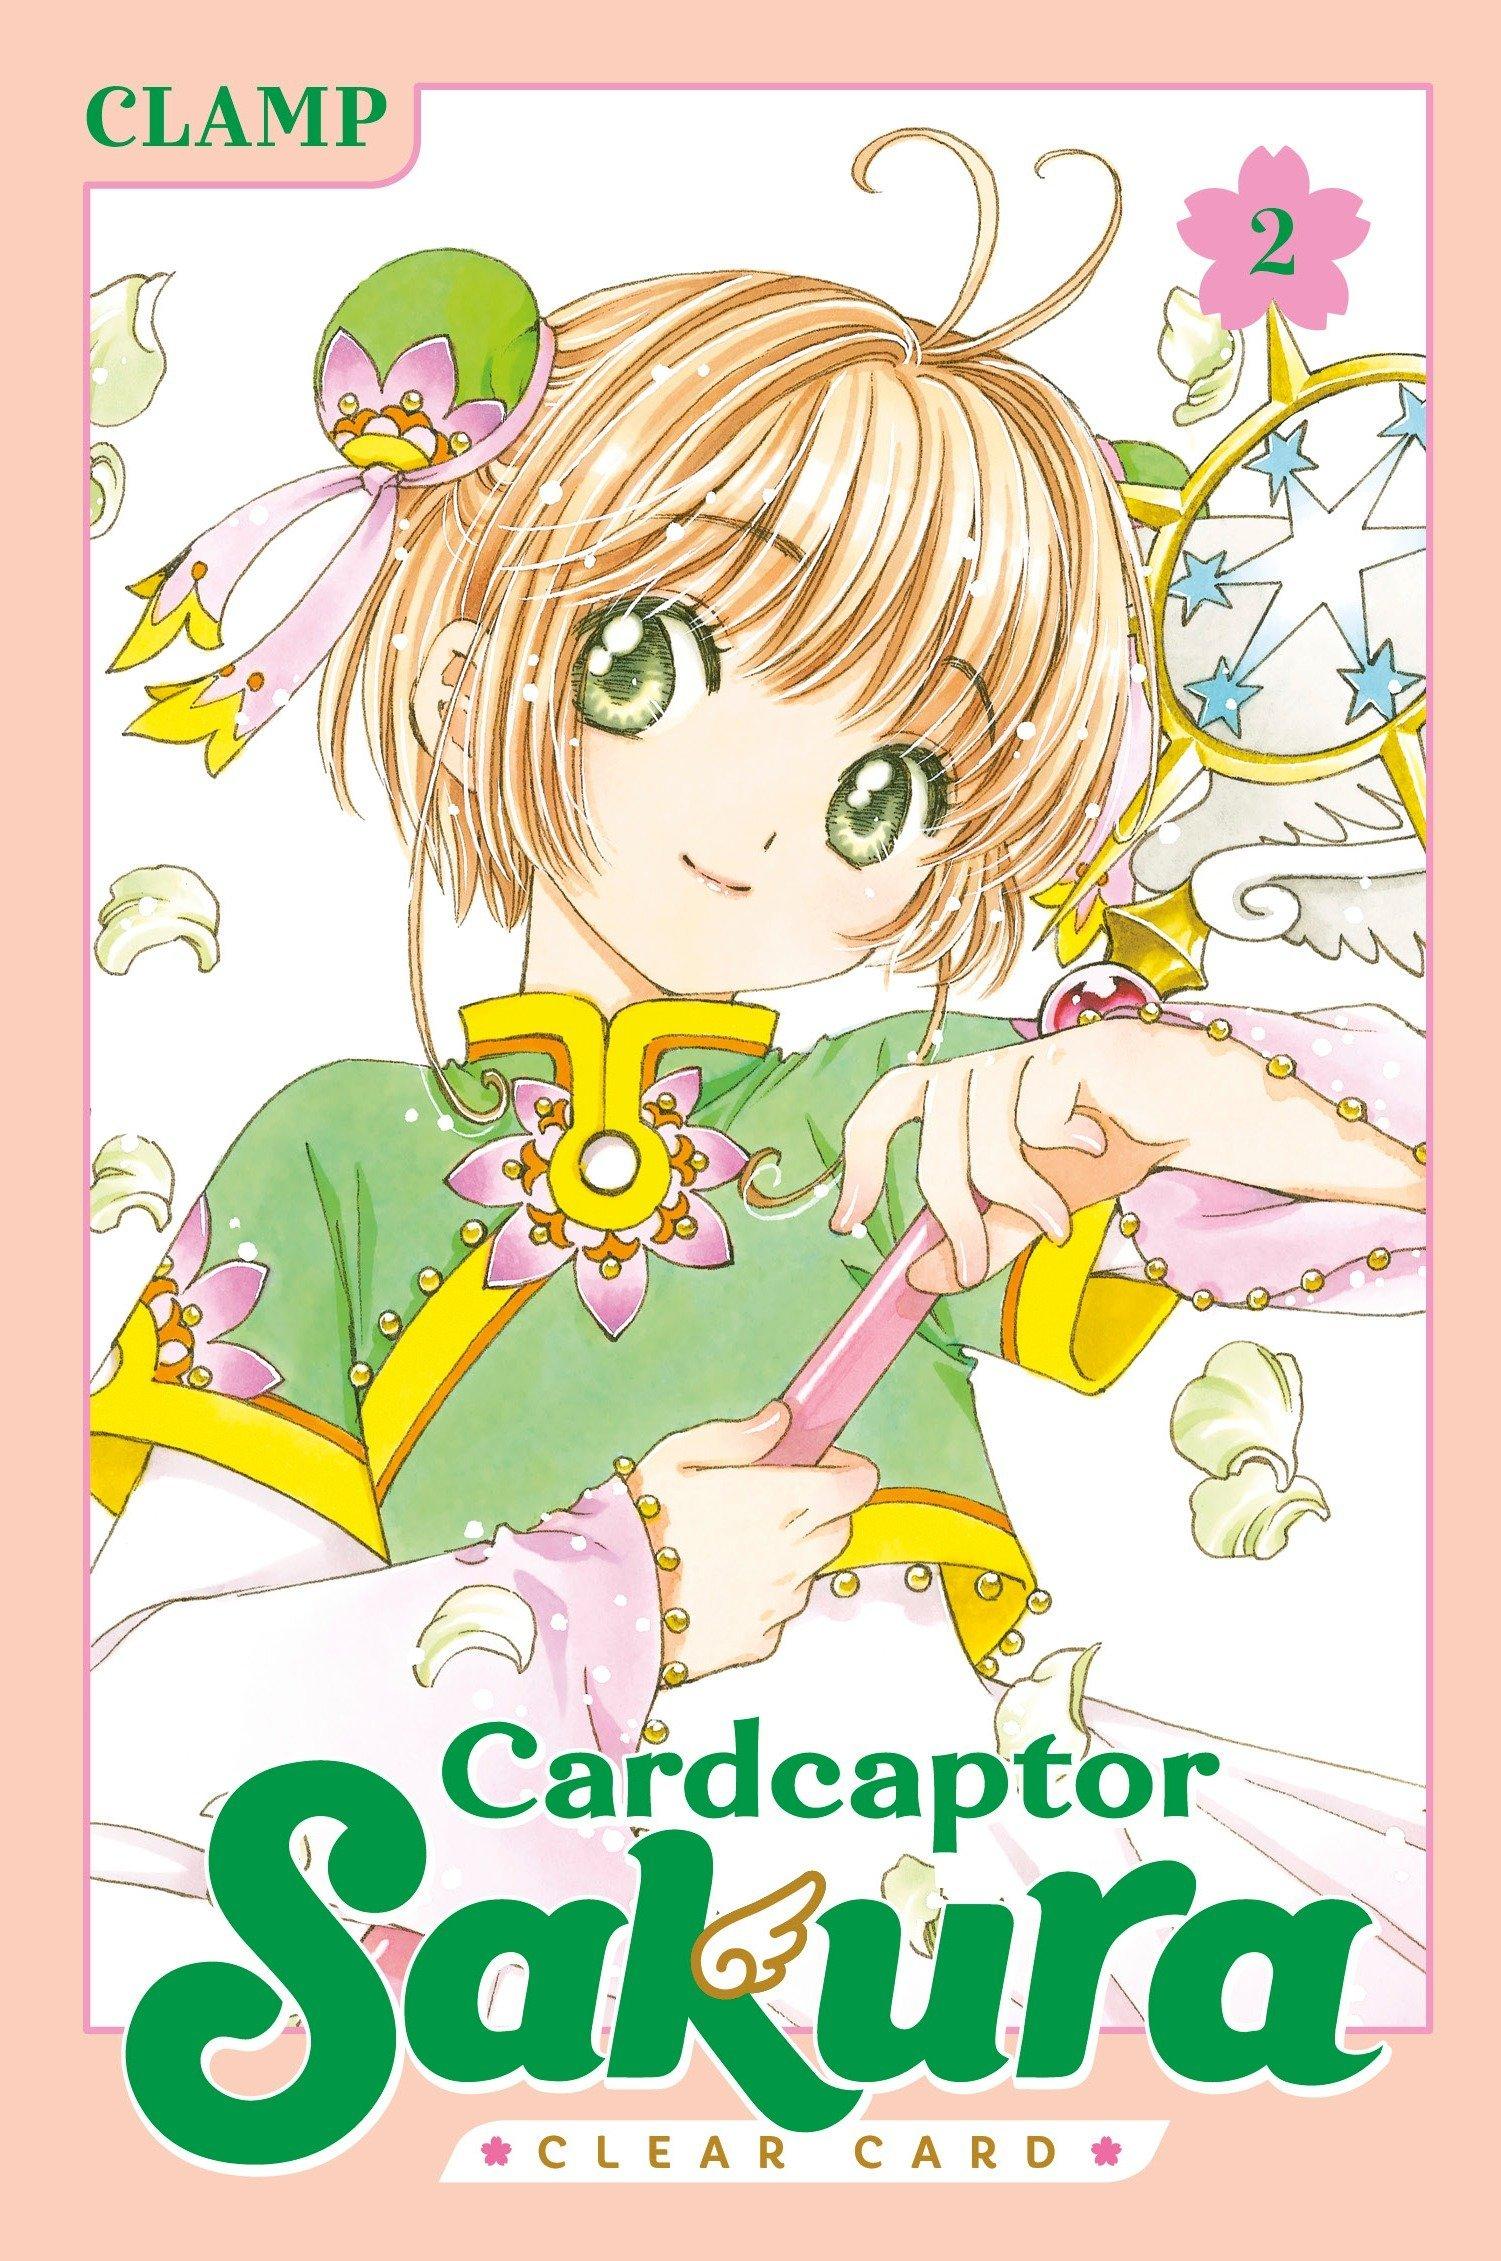 Cardcaptor Sakura manga comics Clear Card Arc Japanese original version 8